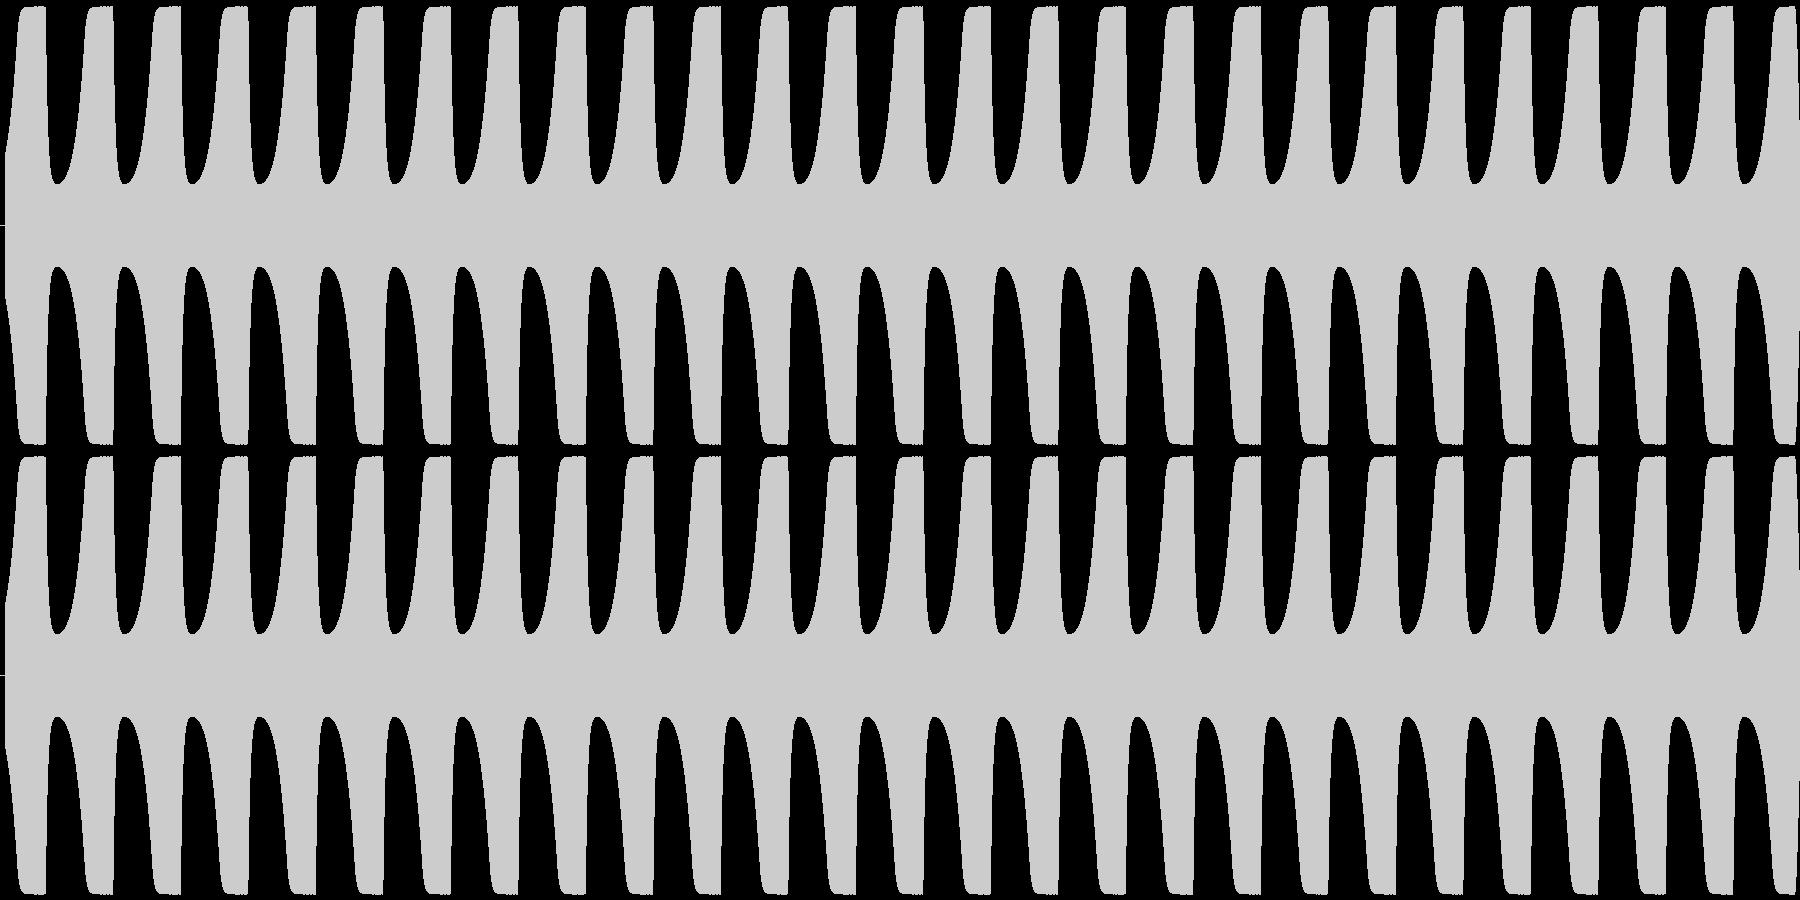 ゲームテキスト効果音A-6(低め 長い)の未再生の波形